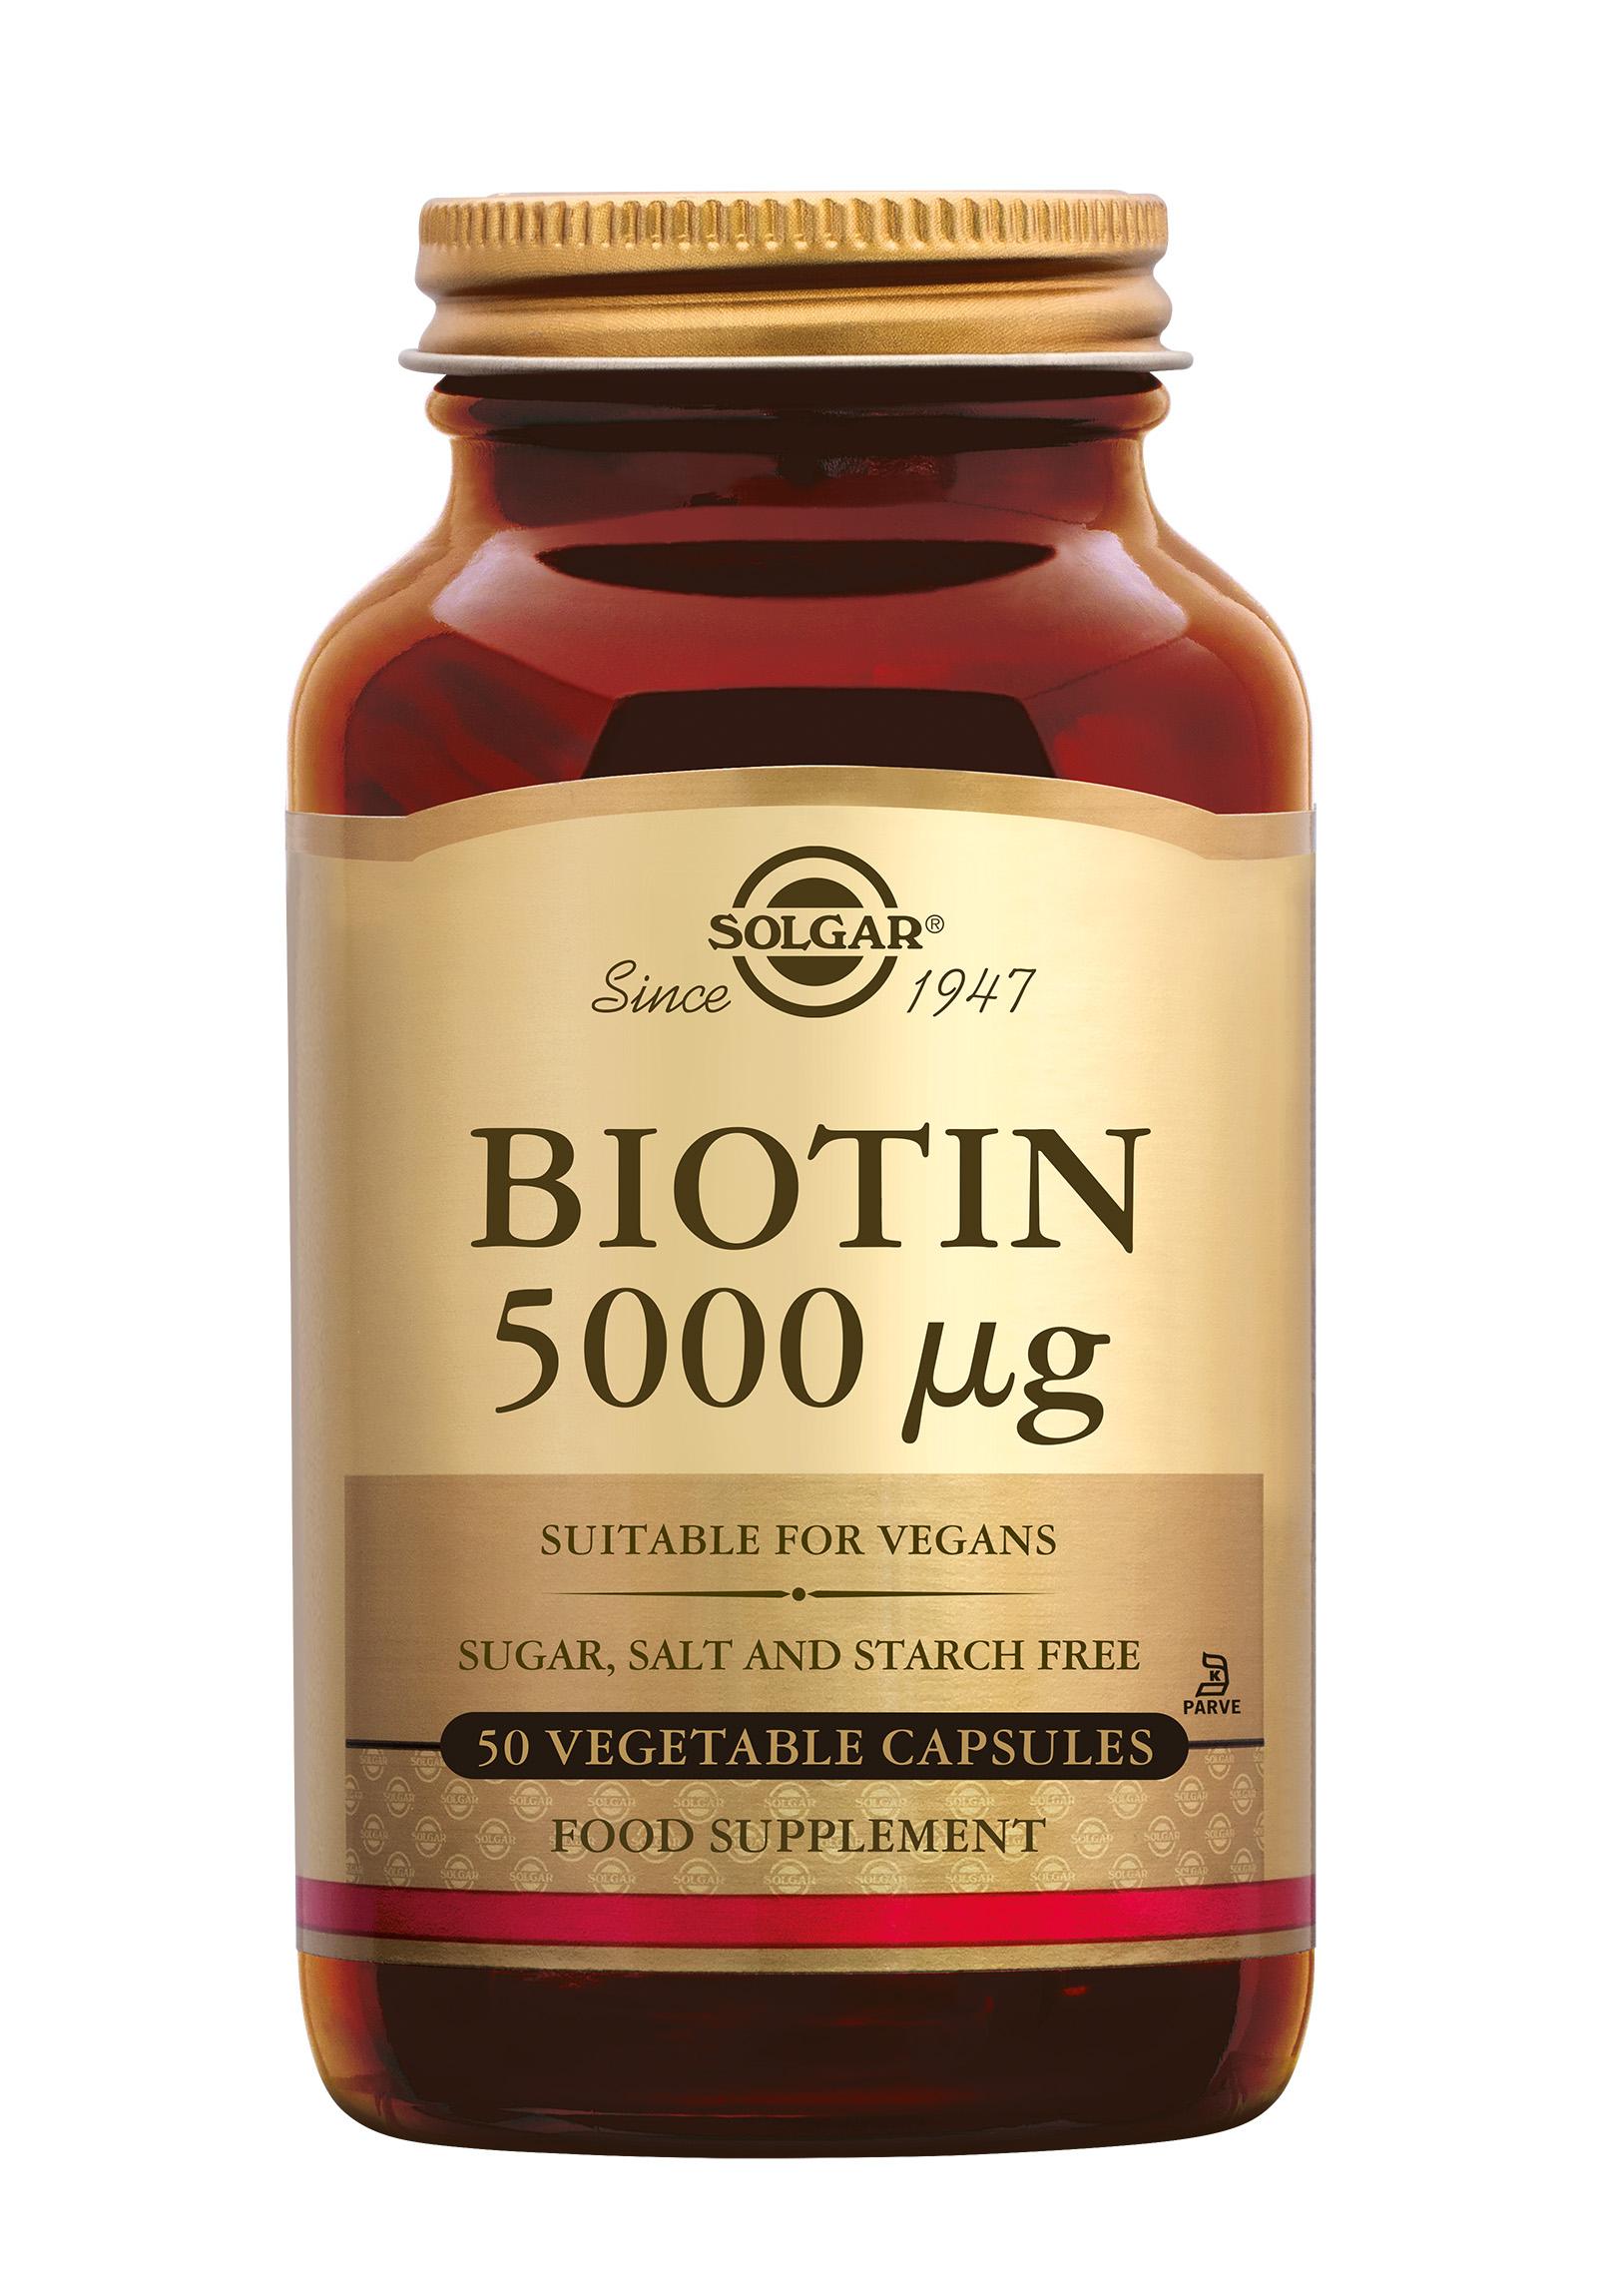 Biotin 5000 µg, Solgar, Solgar Biotin 5000 µg draagt bij aan de normale haargroei, houdt het haar sterk en stimuleert het behoud van een normale huid.